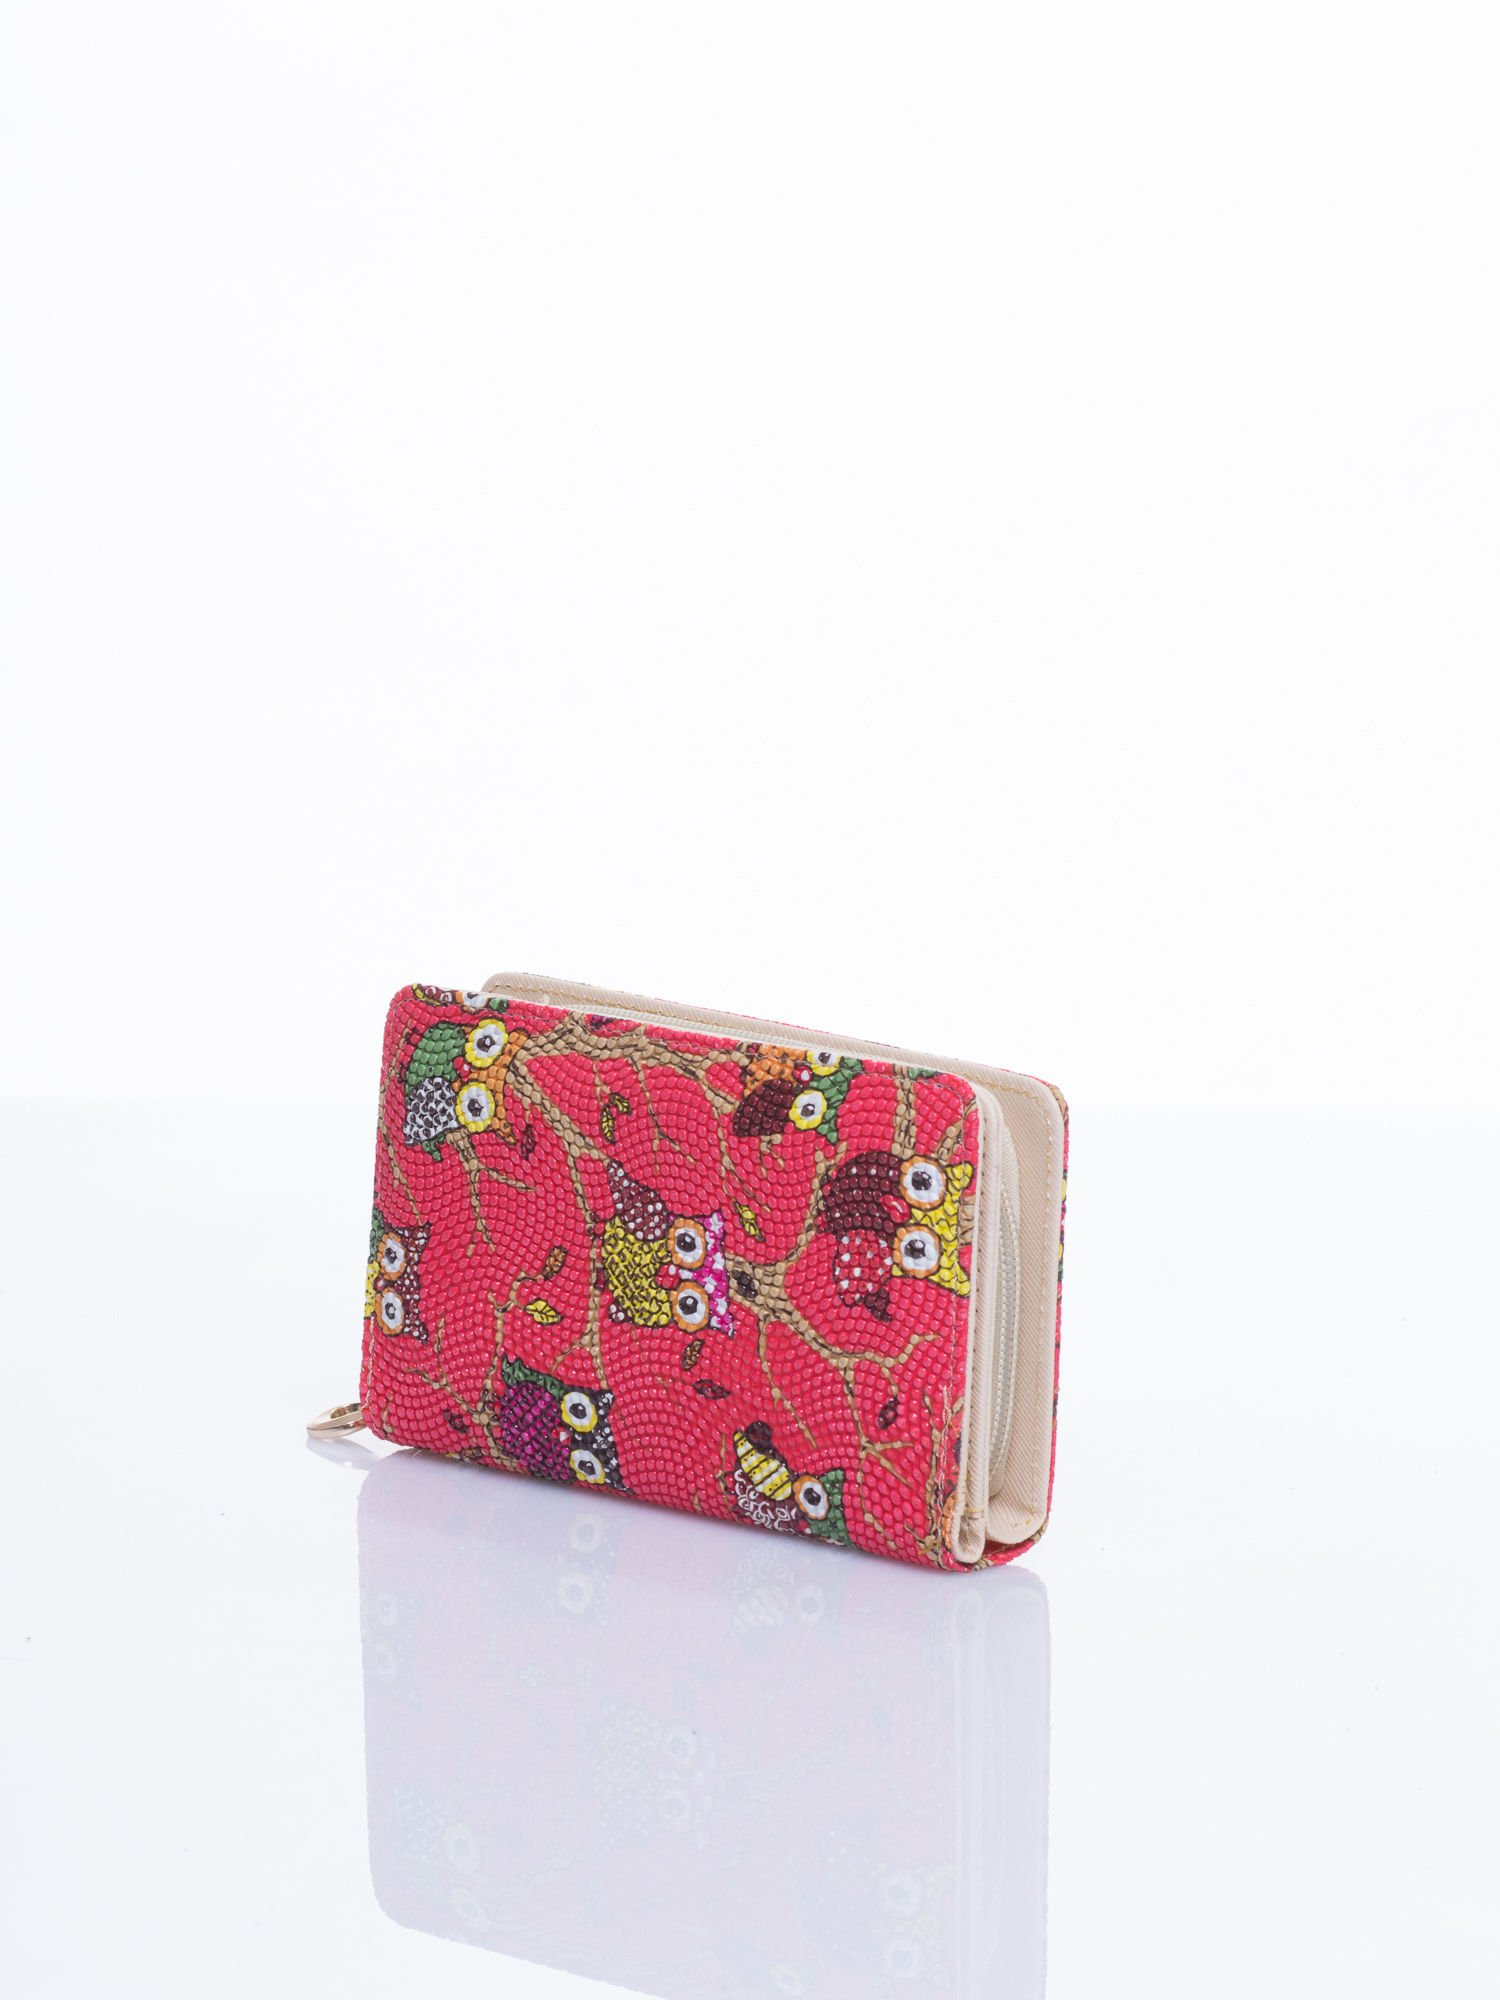 Czerwony mini portfel w sówki                                  zdj.                                  2